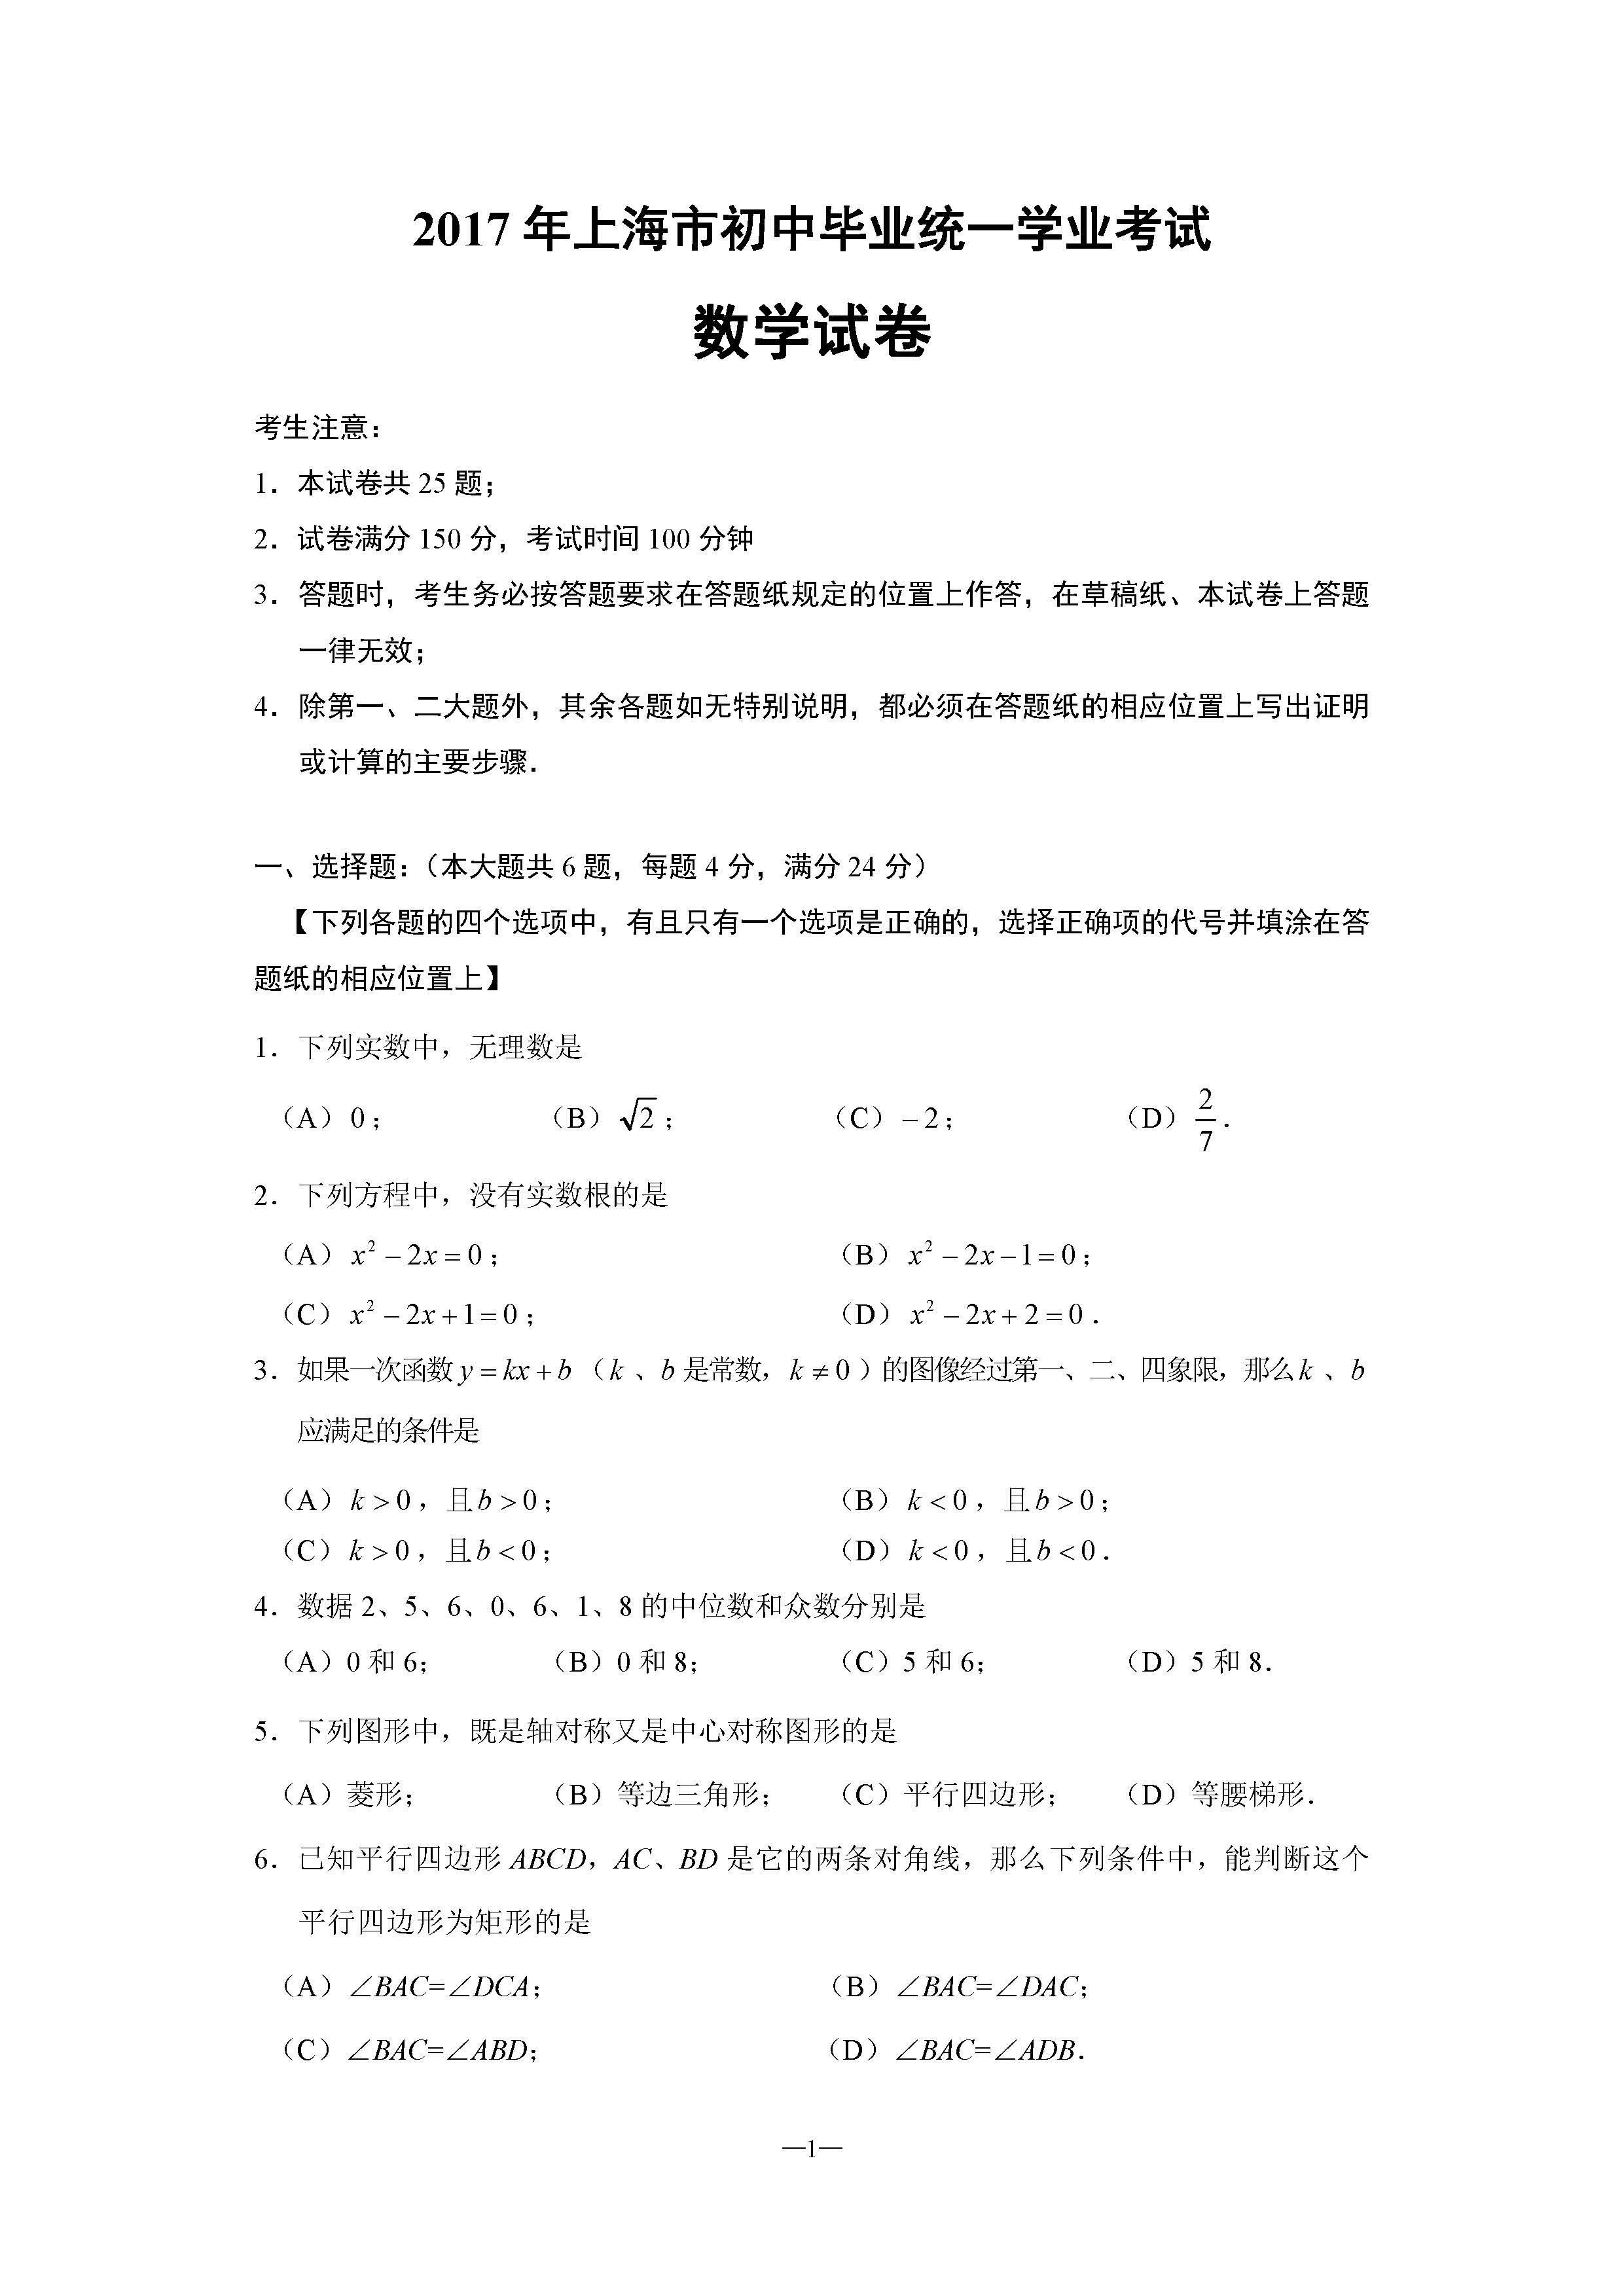 2017上海中考数学试题及答案解析(图片版)